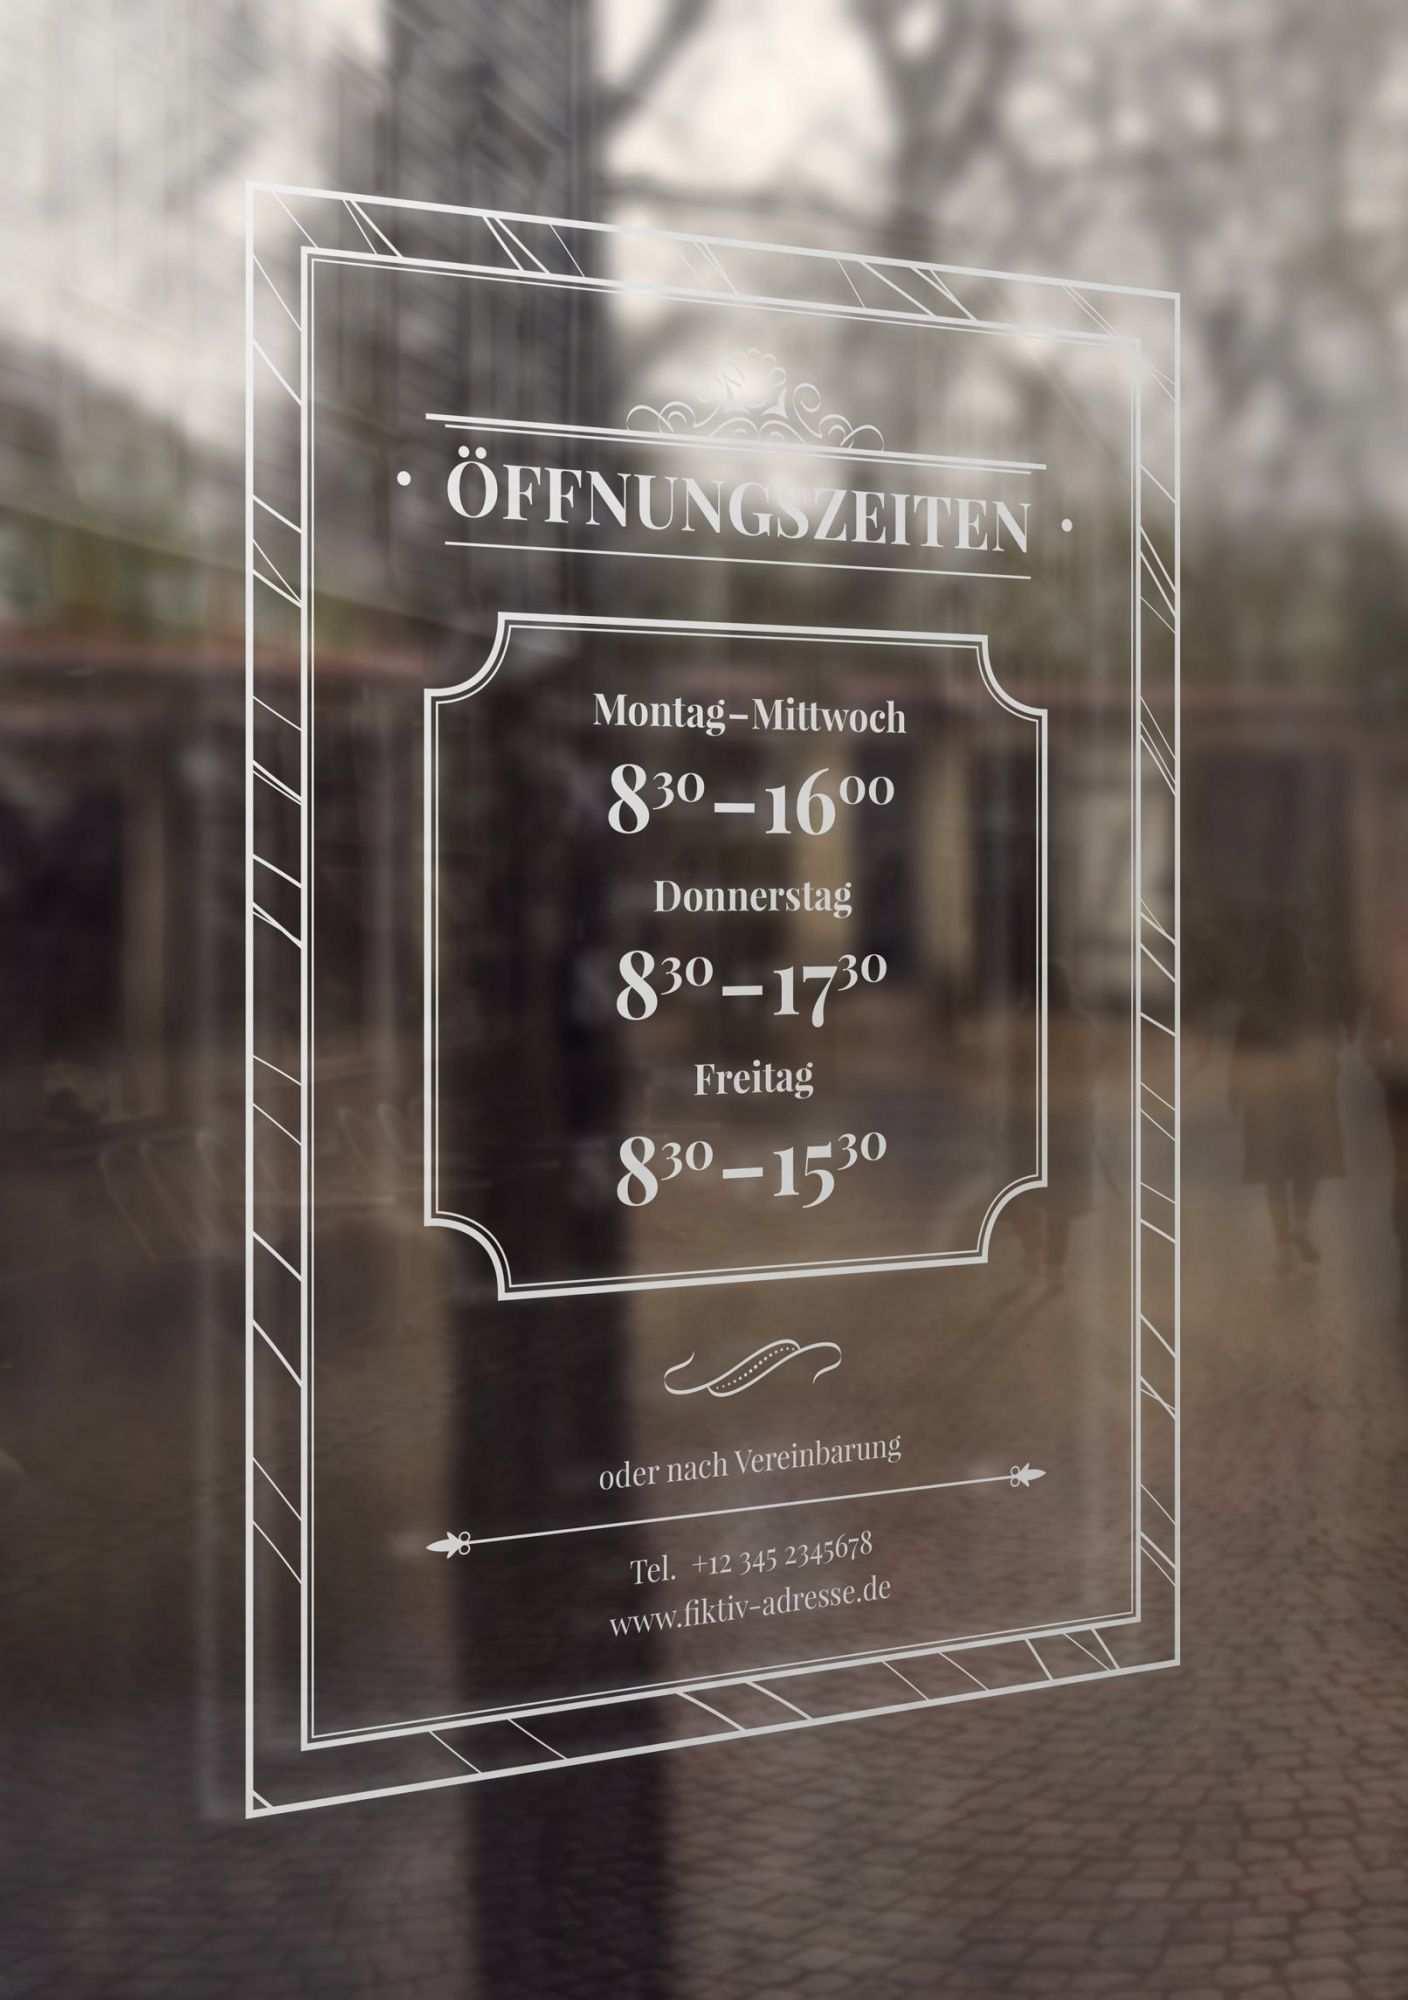 Offnungszeiten Vorlagen Fur Schild Aushang Cafe Schild Ladenschilder Offnungszeiten Restaurant